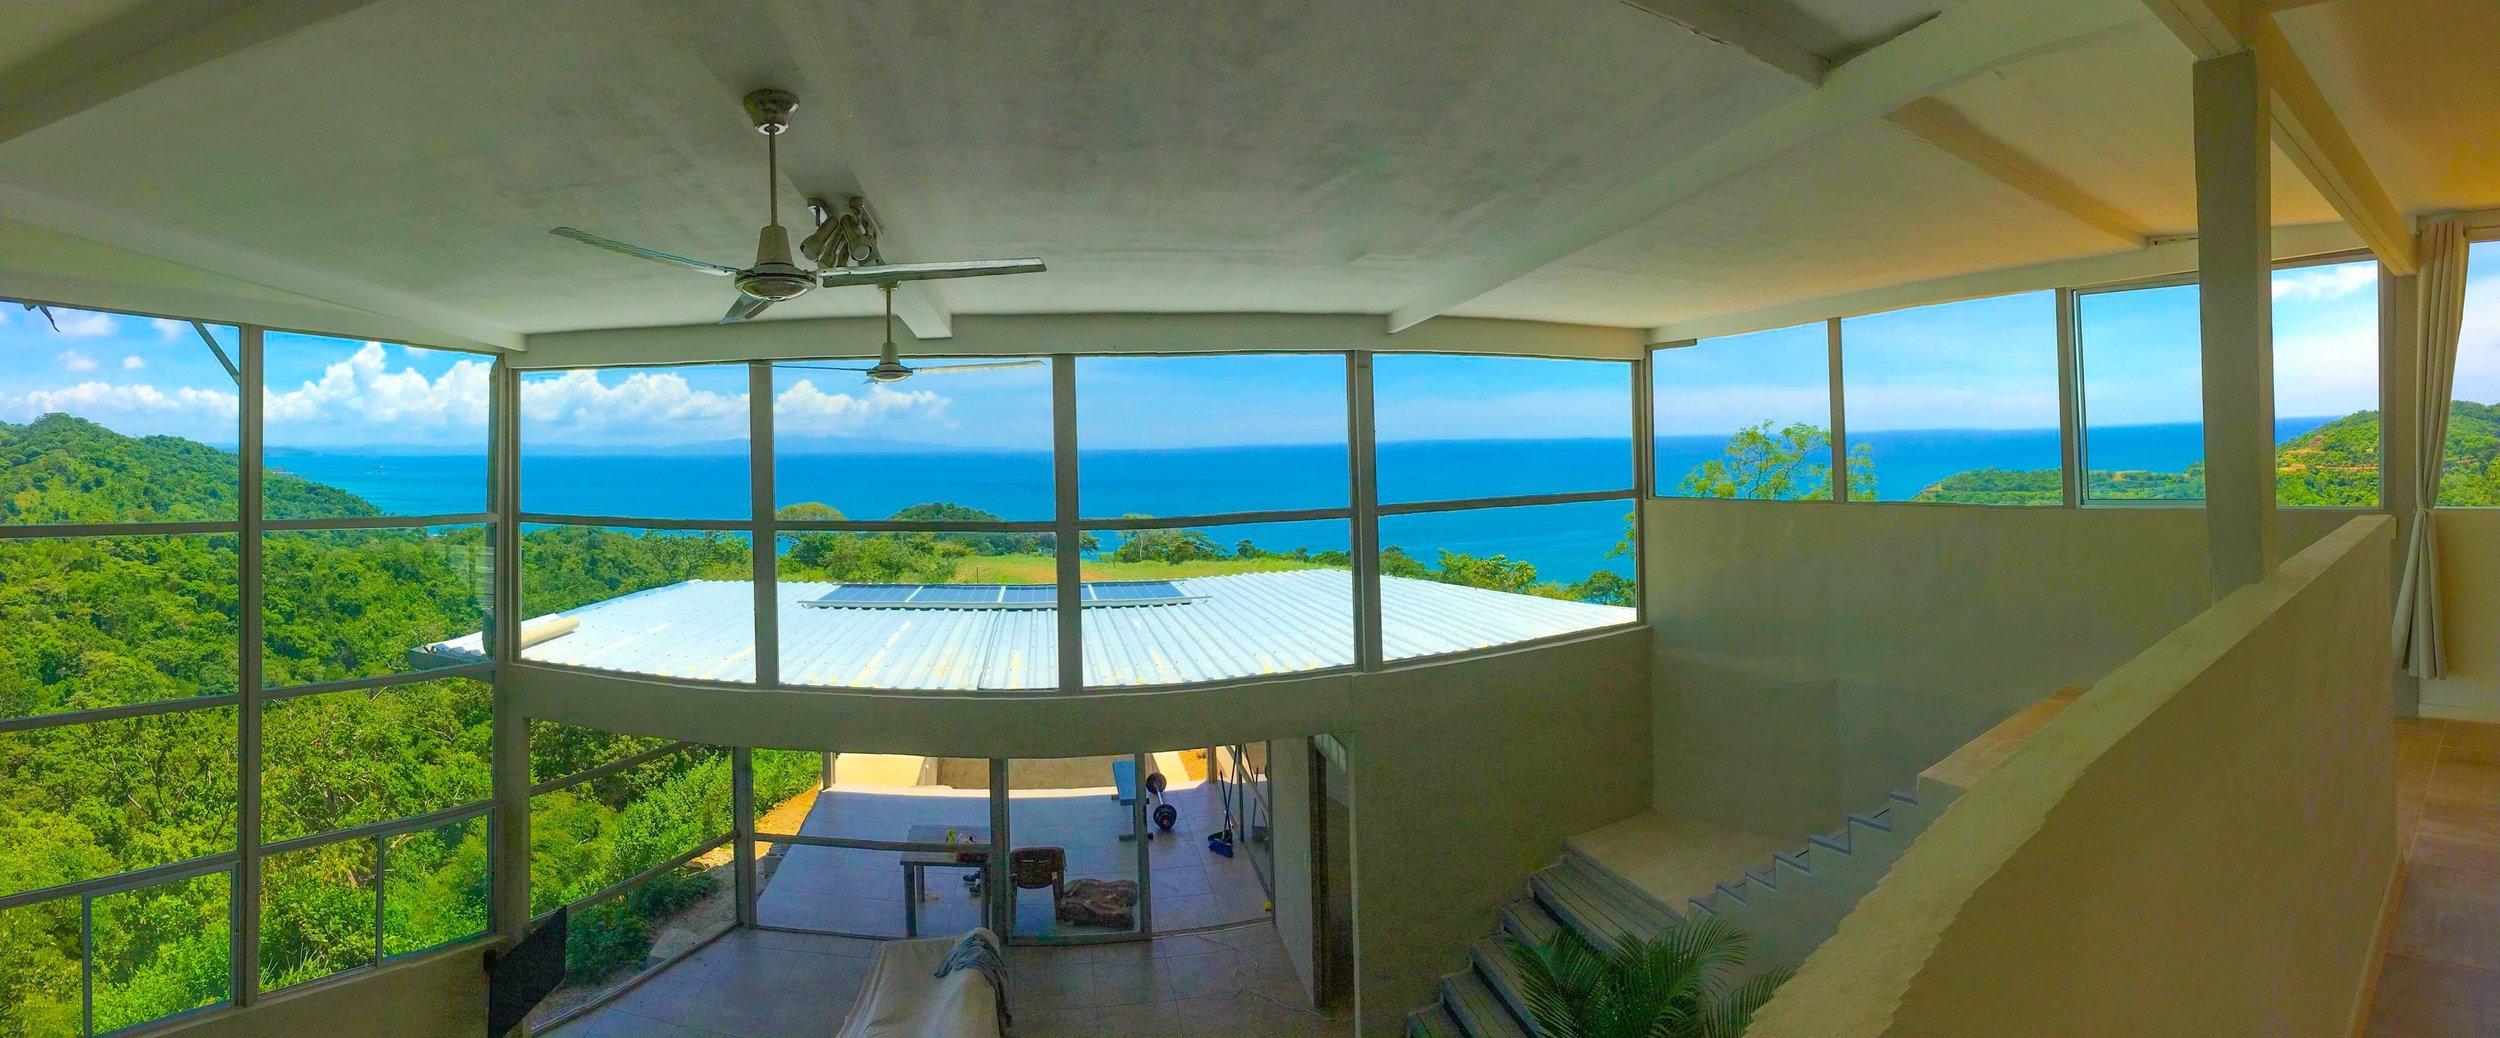 Home For Sale Paradise Bay San Juan Del Sur Nicaragua23-min.JPEG